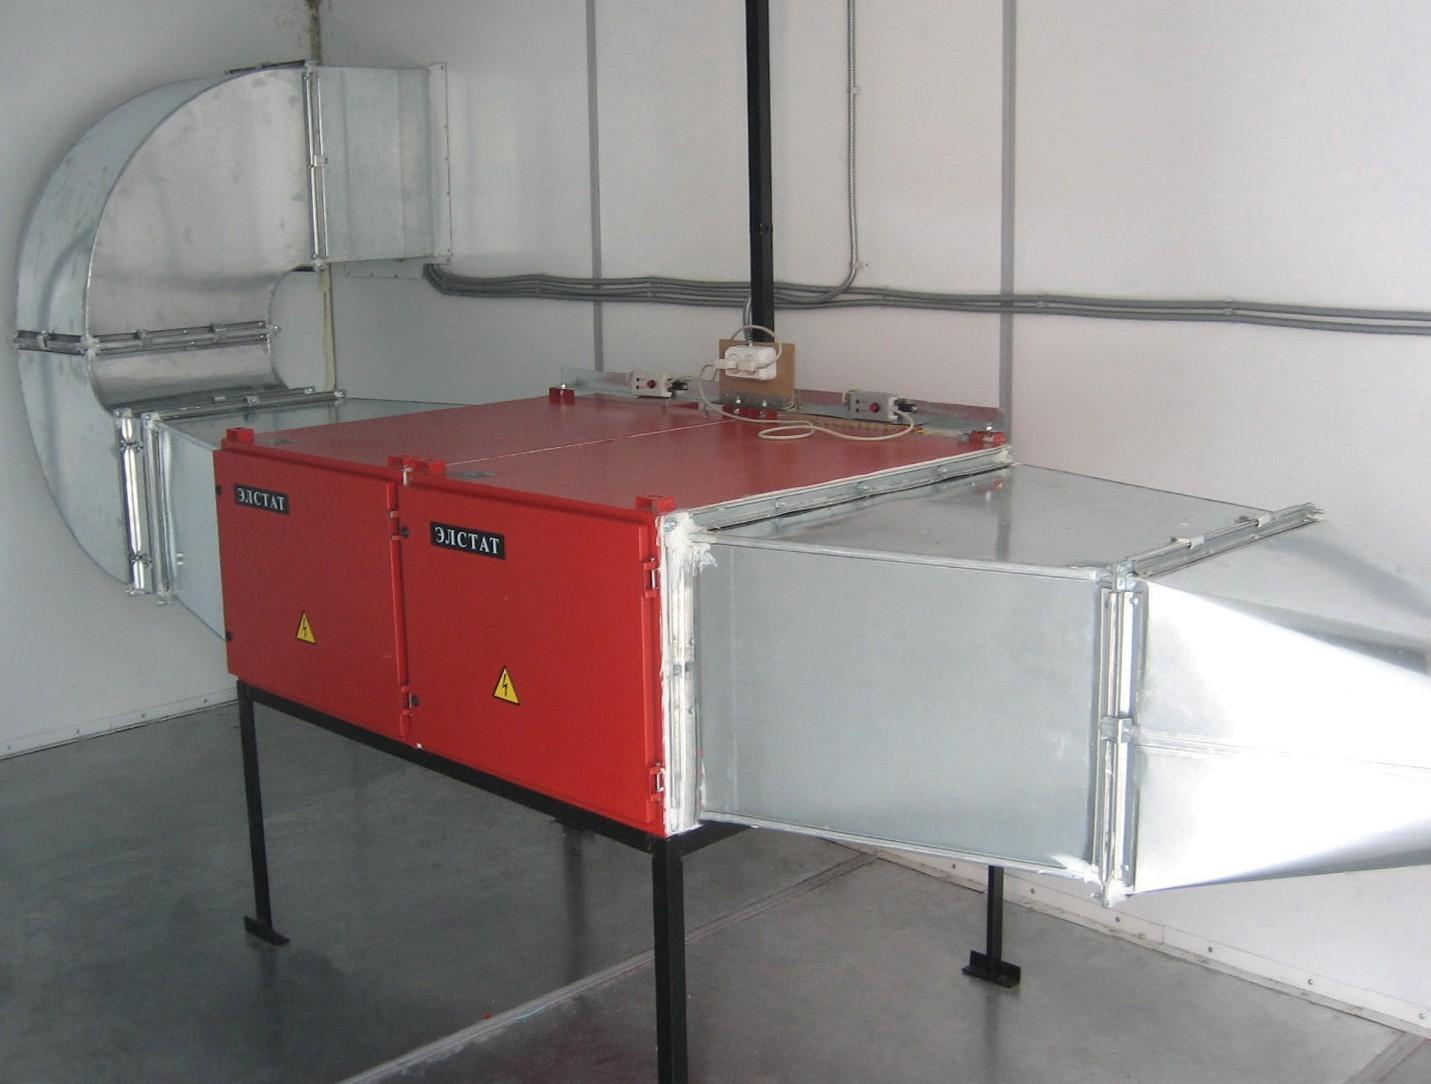 Системы очистки воздуха ЭЛСТАТ-МН от дымов мангалов, тандыров, коптилен в ресторанах, кафе и туманов масел на предприятиях пищевой промышленности.